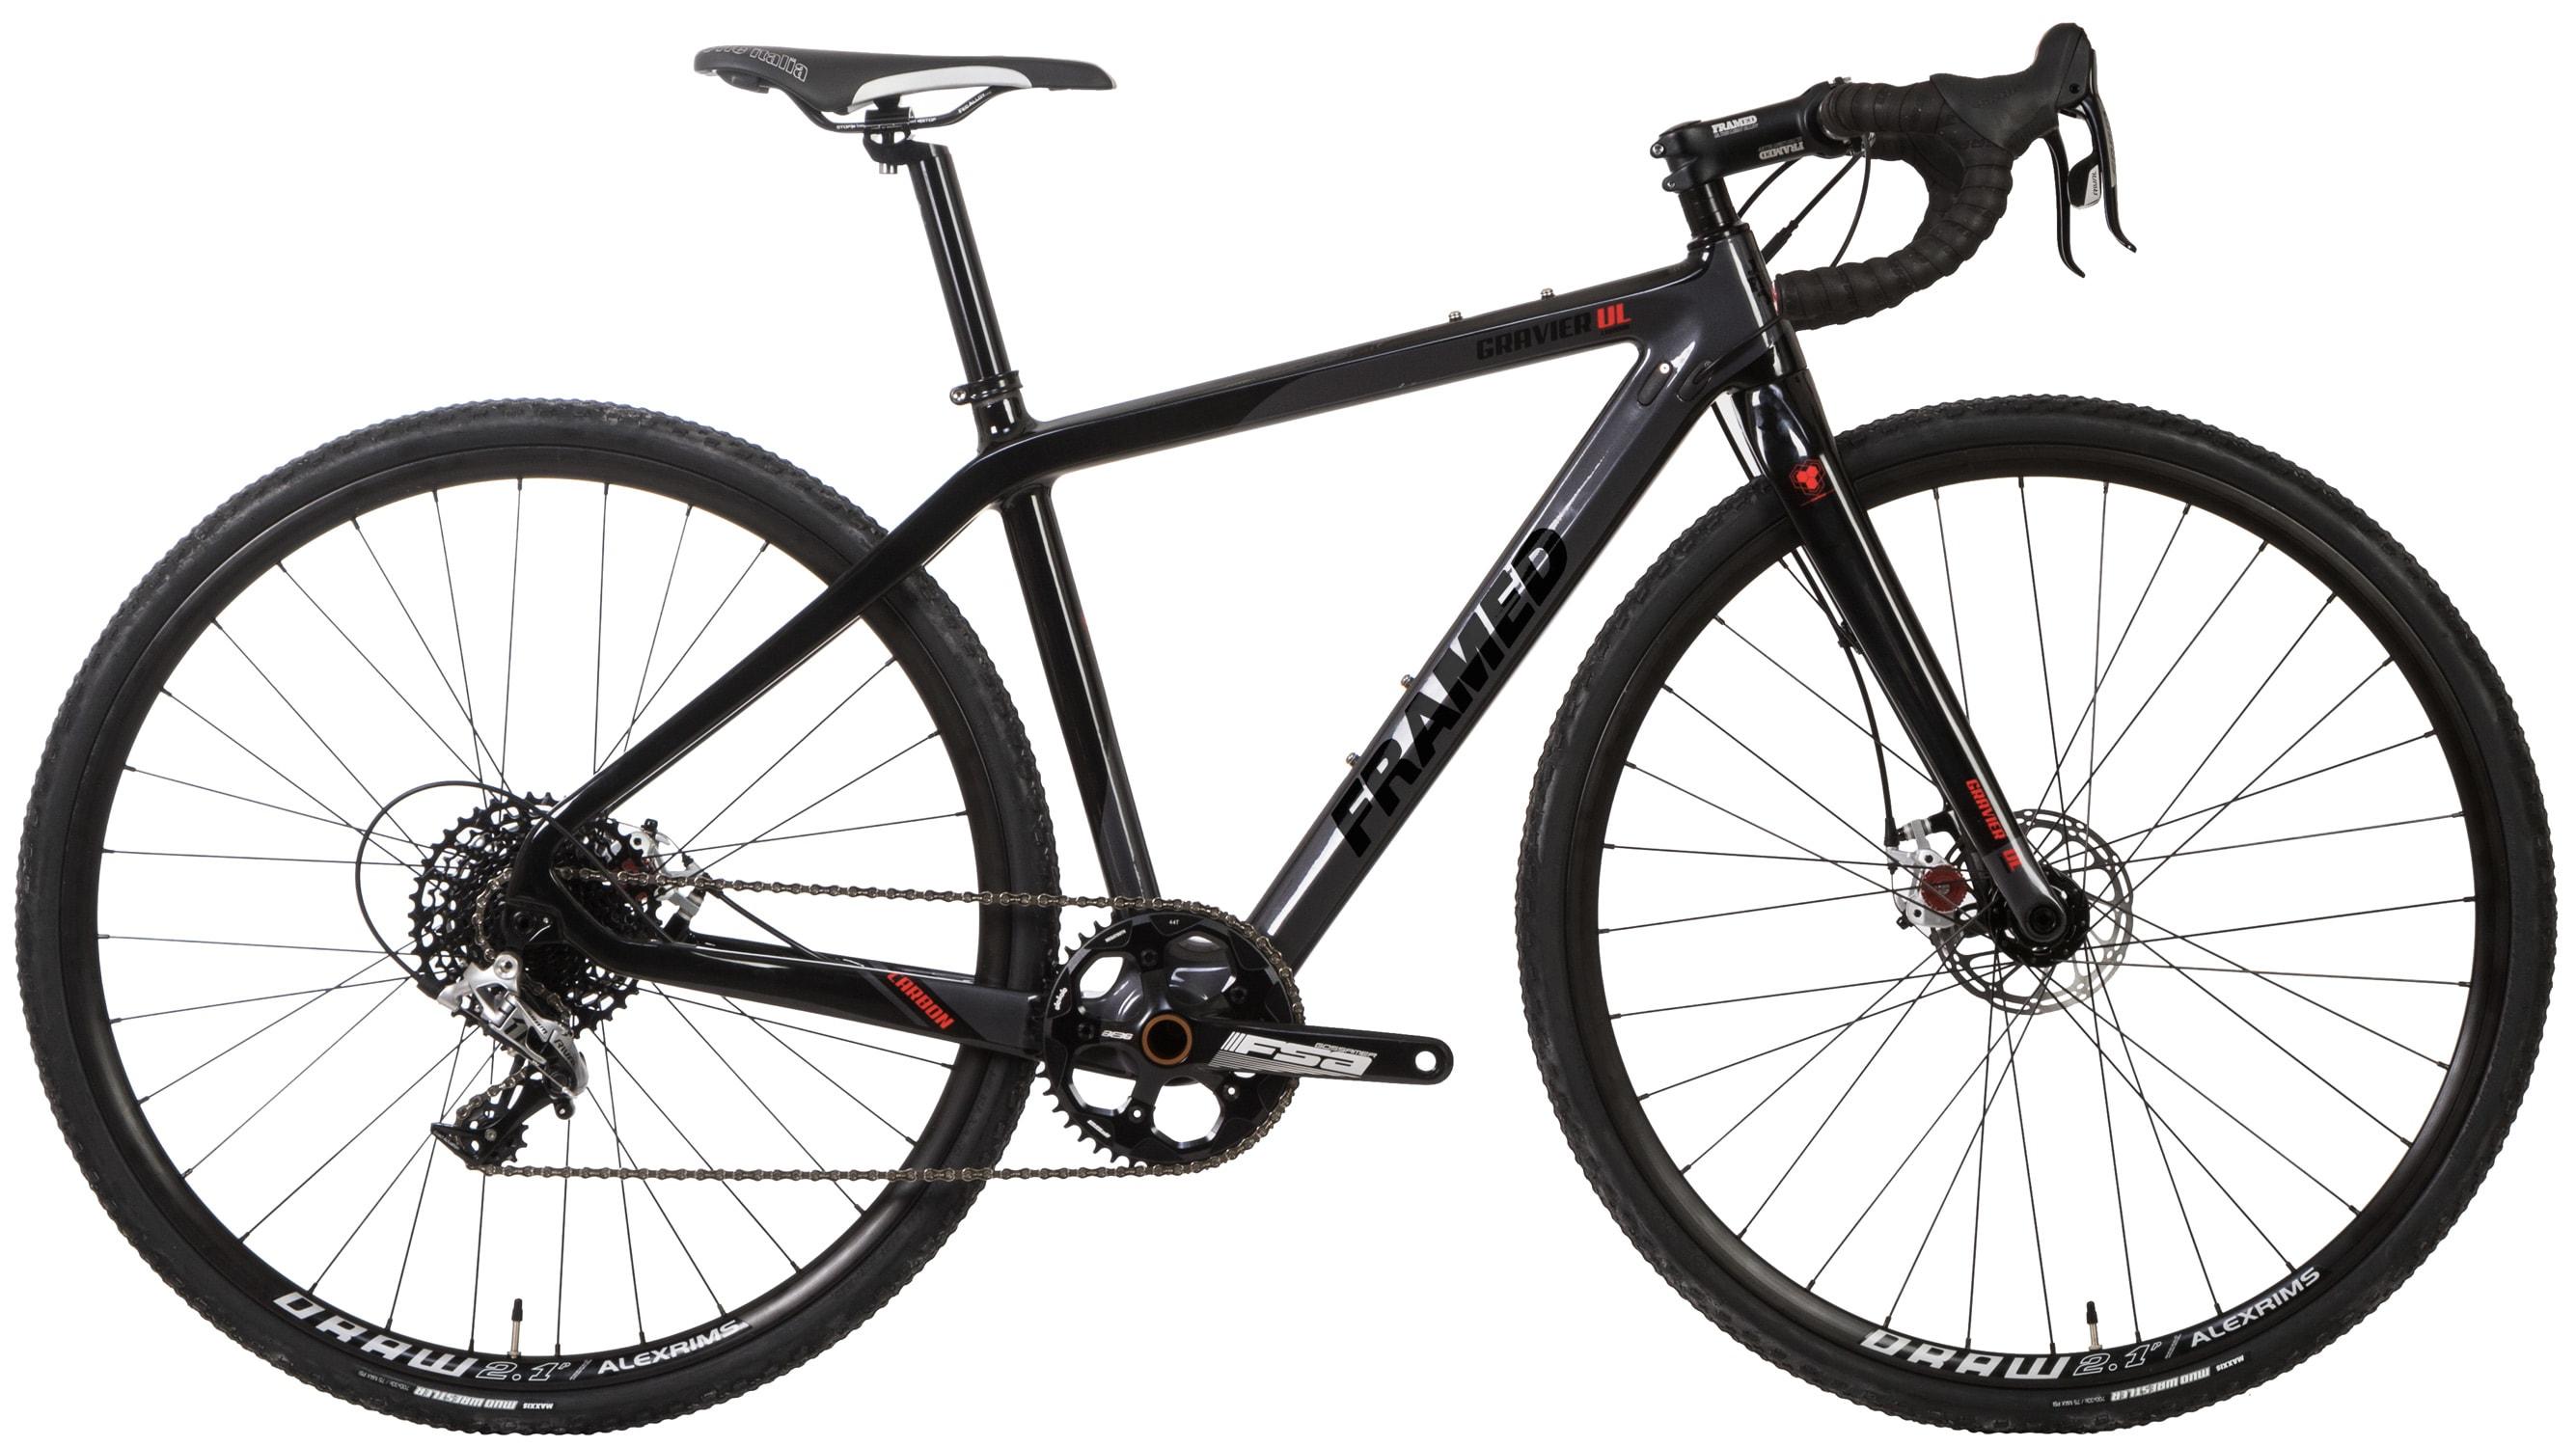 framed gravier carbon gravel road bike rival 1 and. Black Bedroom Furniture Sets. Home Design Ideas